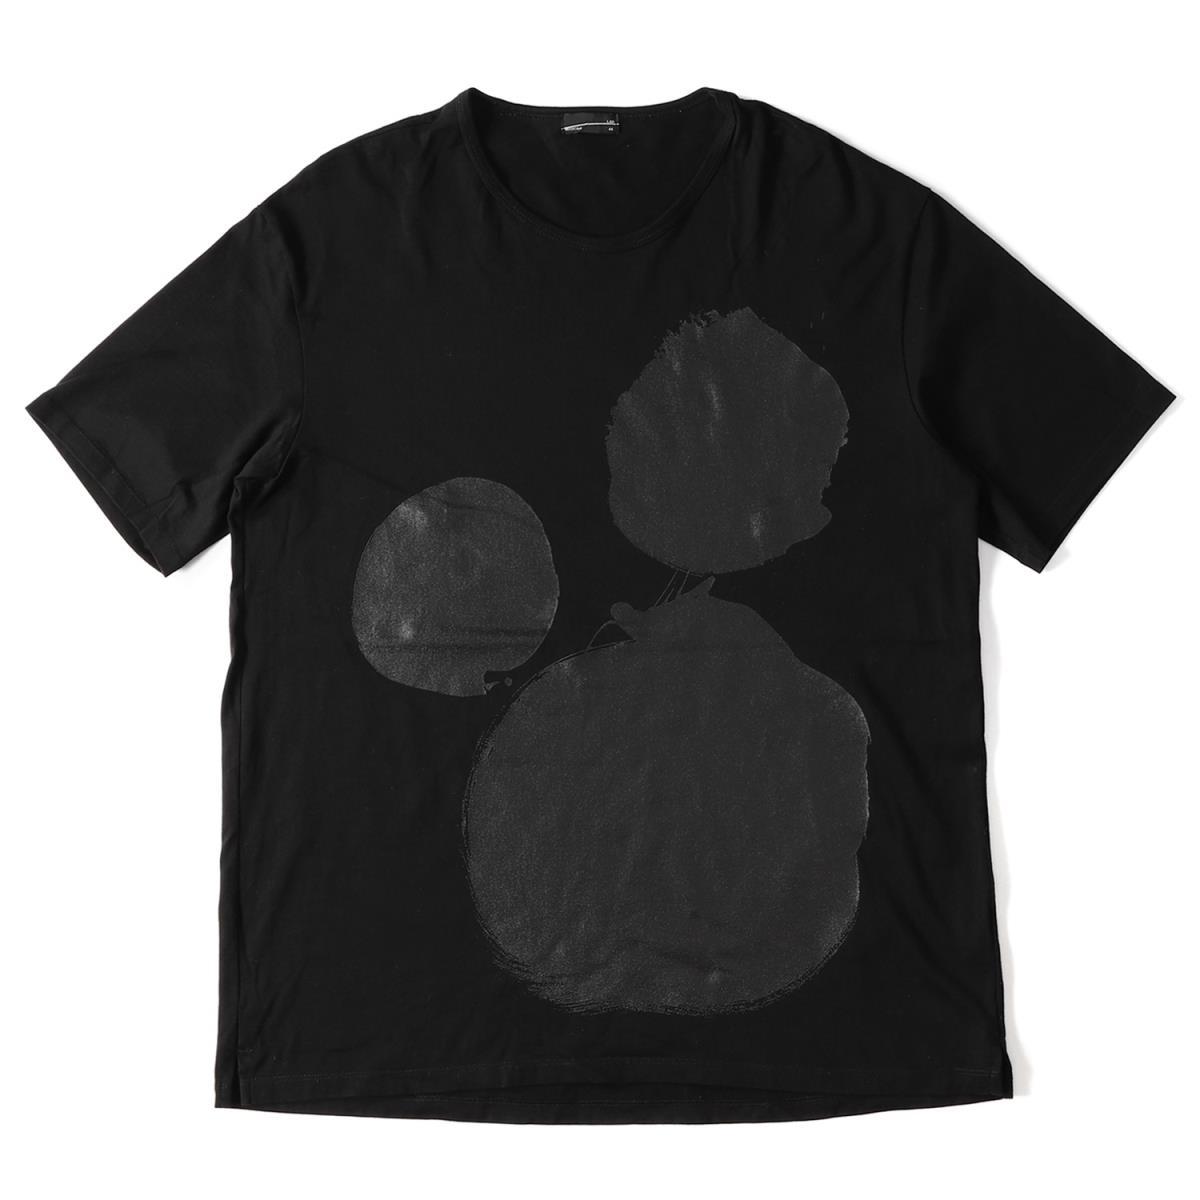 LAD MUSICIAN (ラッドミュージシャン) 17S/S サークルプリントコットンクルーネックTシャツ(BIG T-SHIRT) ブラック 44【美品】【メンズ】【K2026】【中古】【あす楽☆対応可】